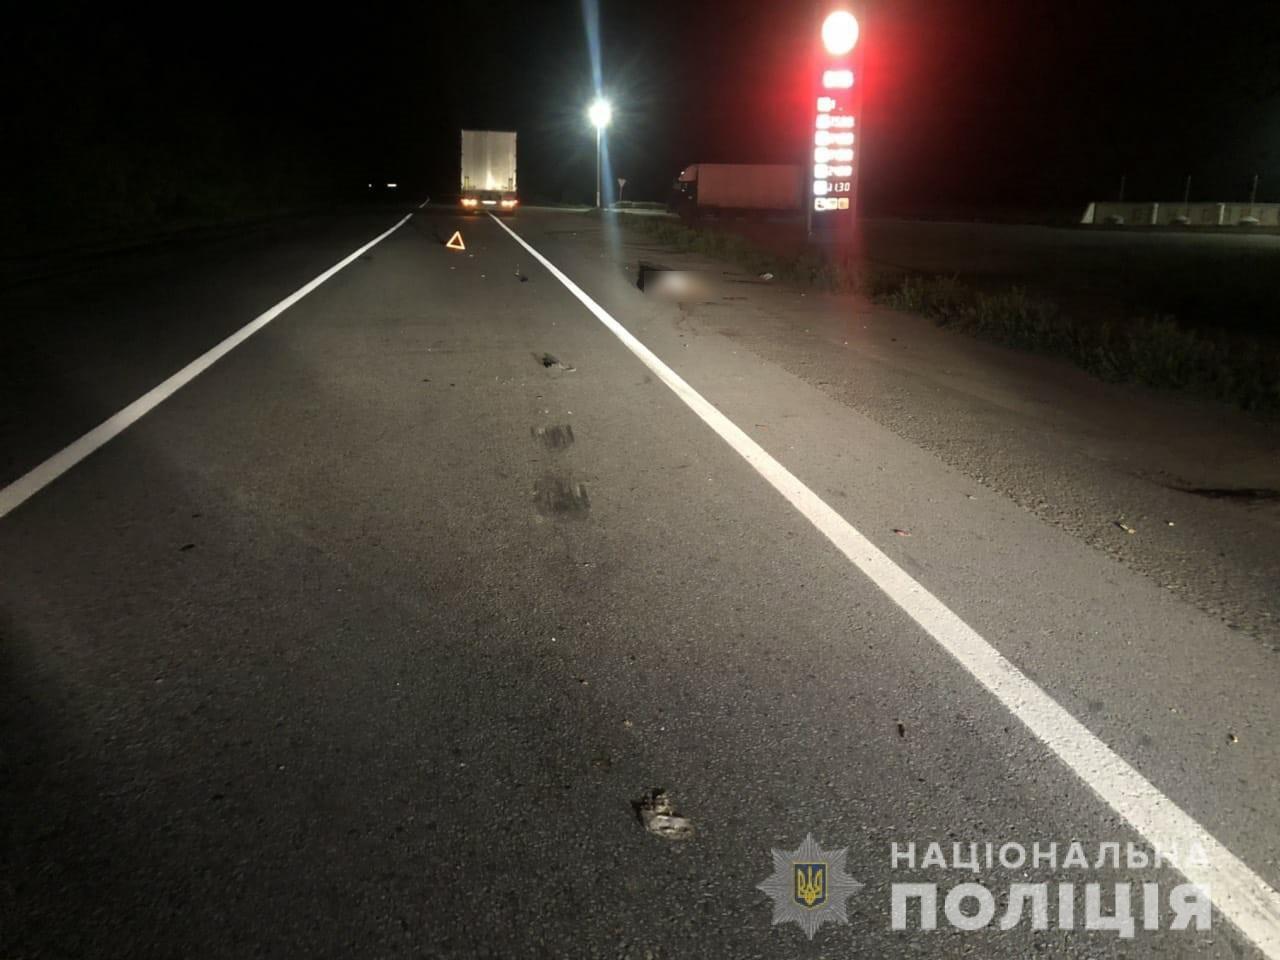 Переходил дорогу в неположенном месте: под Харьковом фура насмерть переехала пешехода, - ФОТО, фото-2